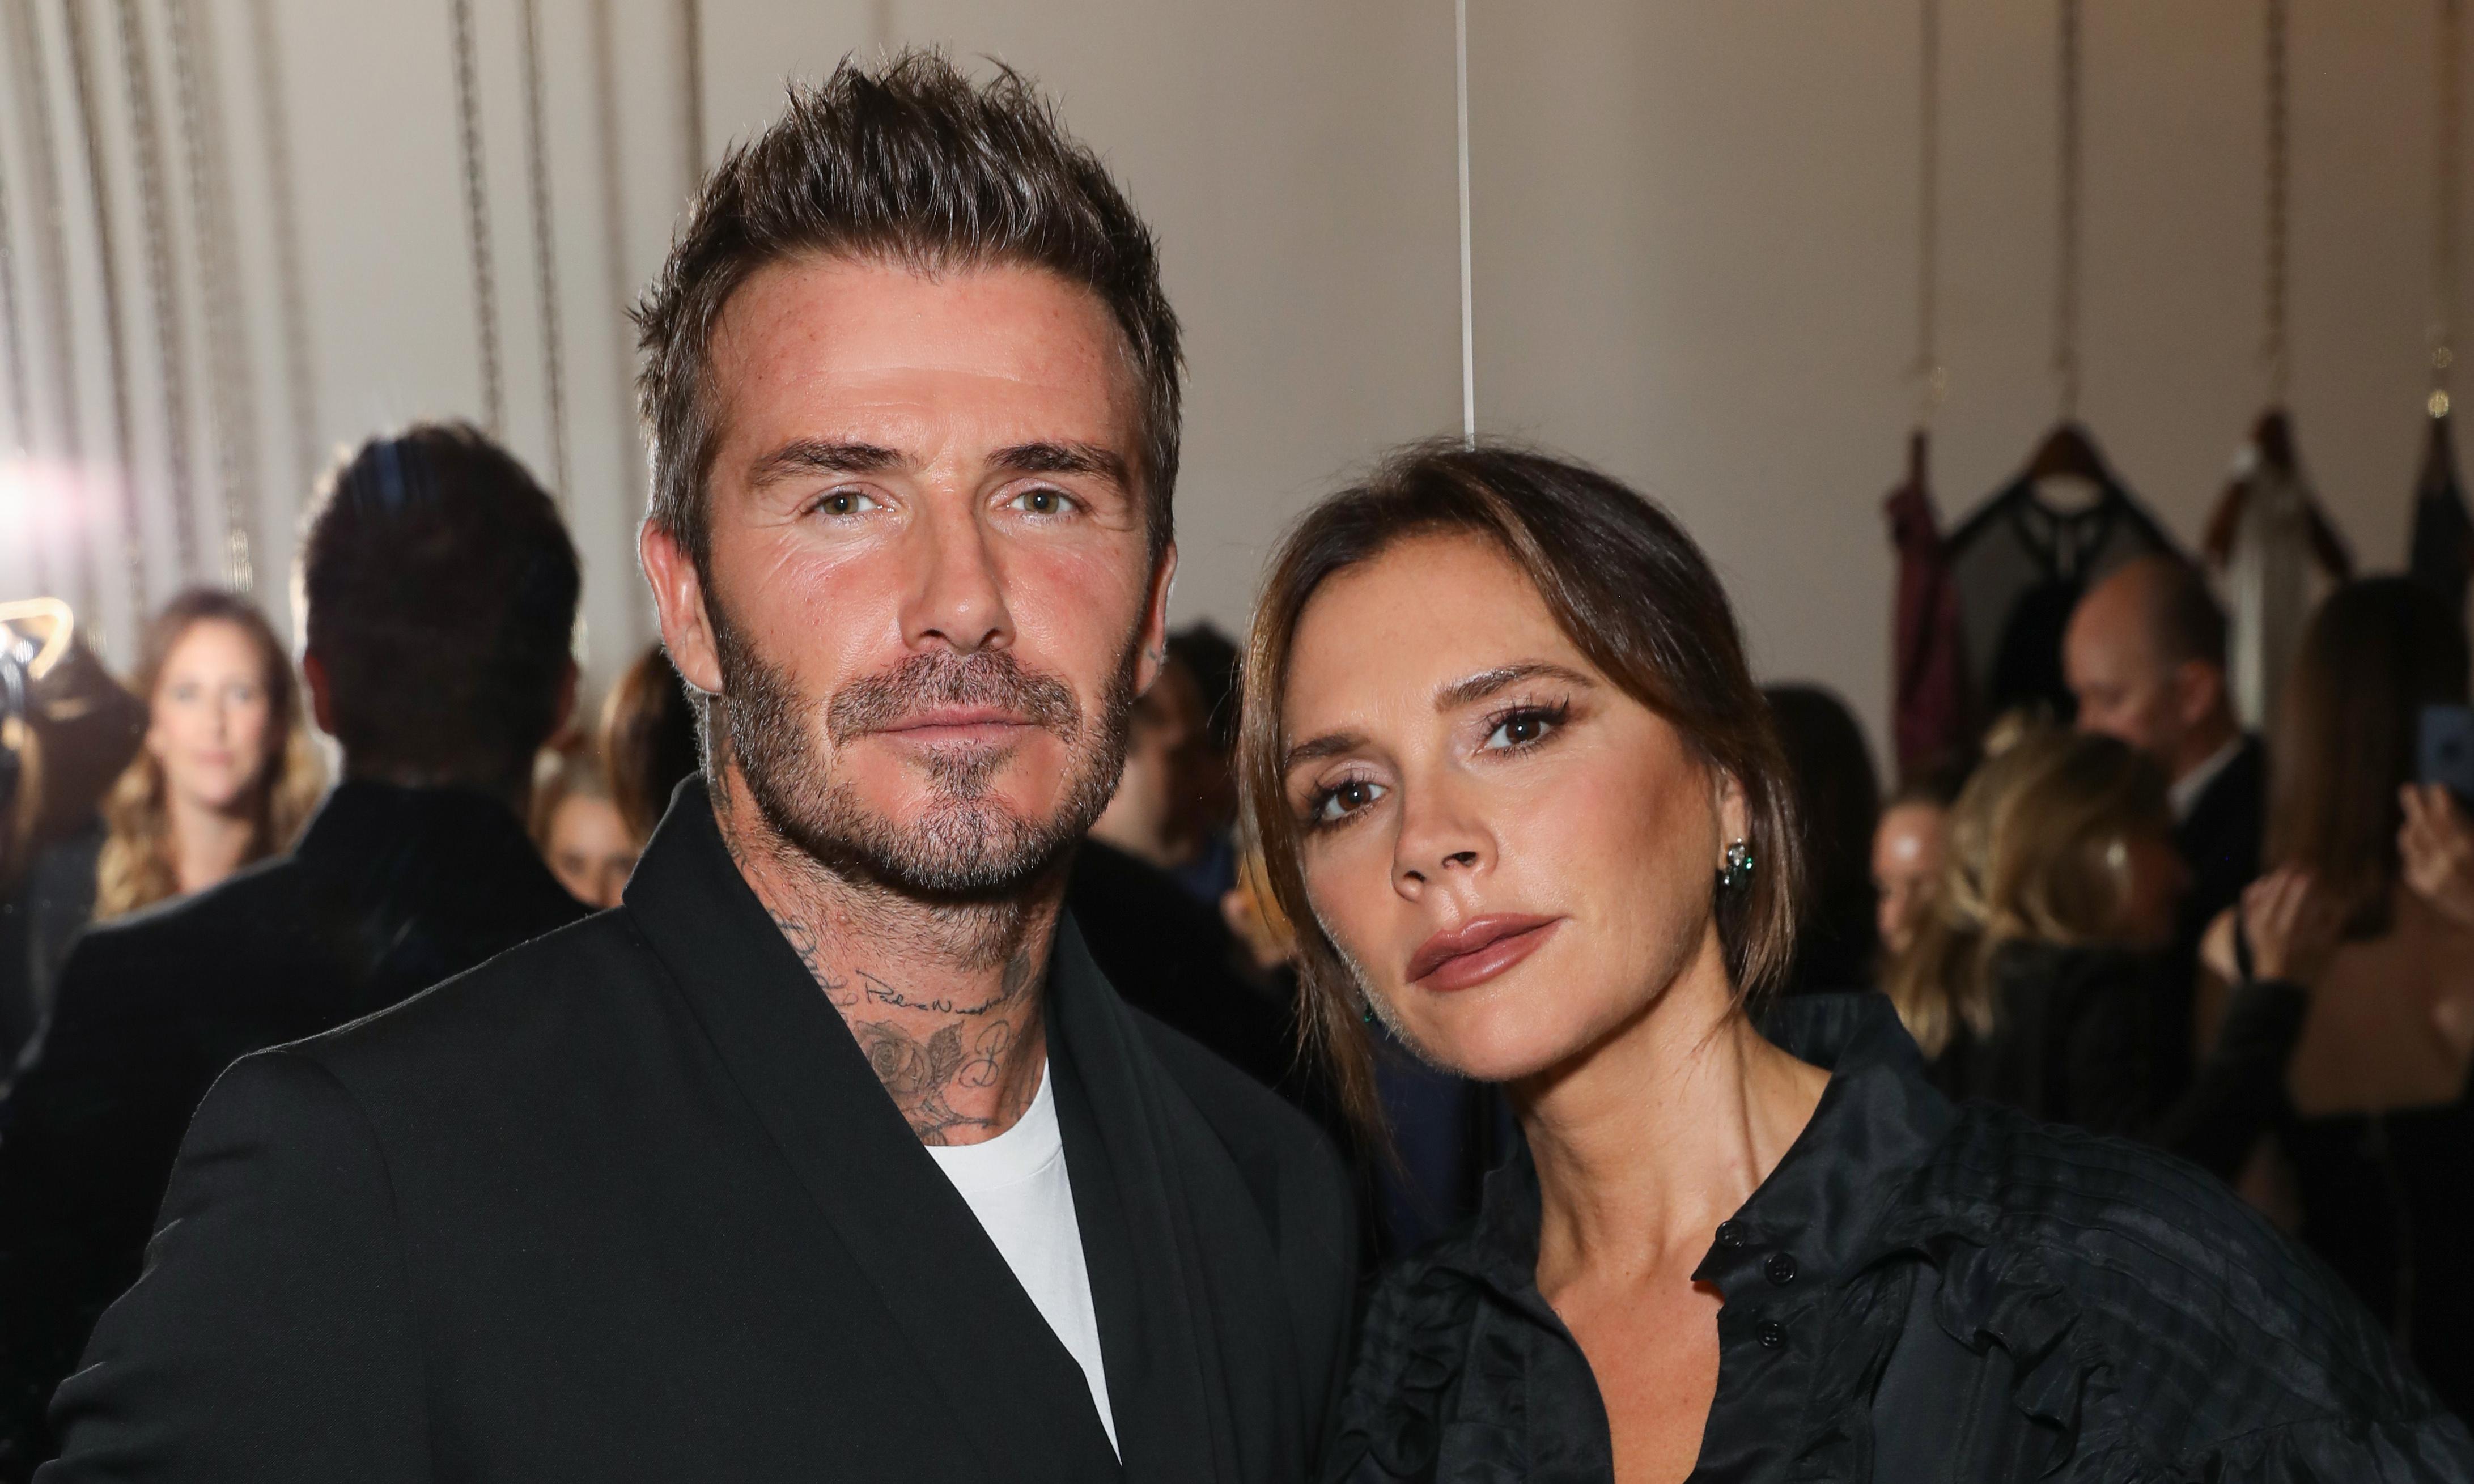 Beckhams in £38m dividend payout despite profits plunge